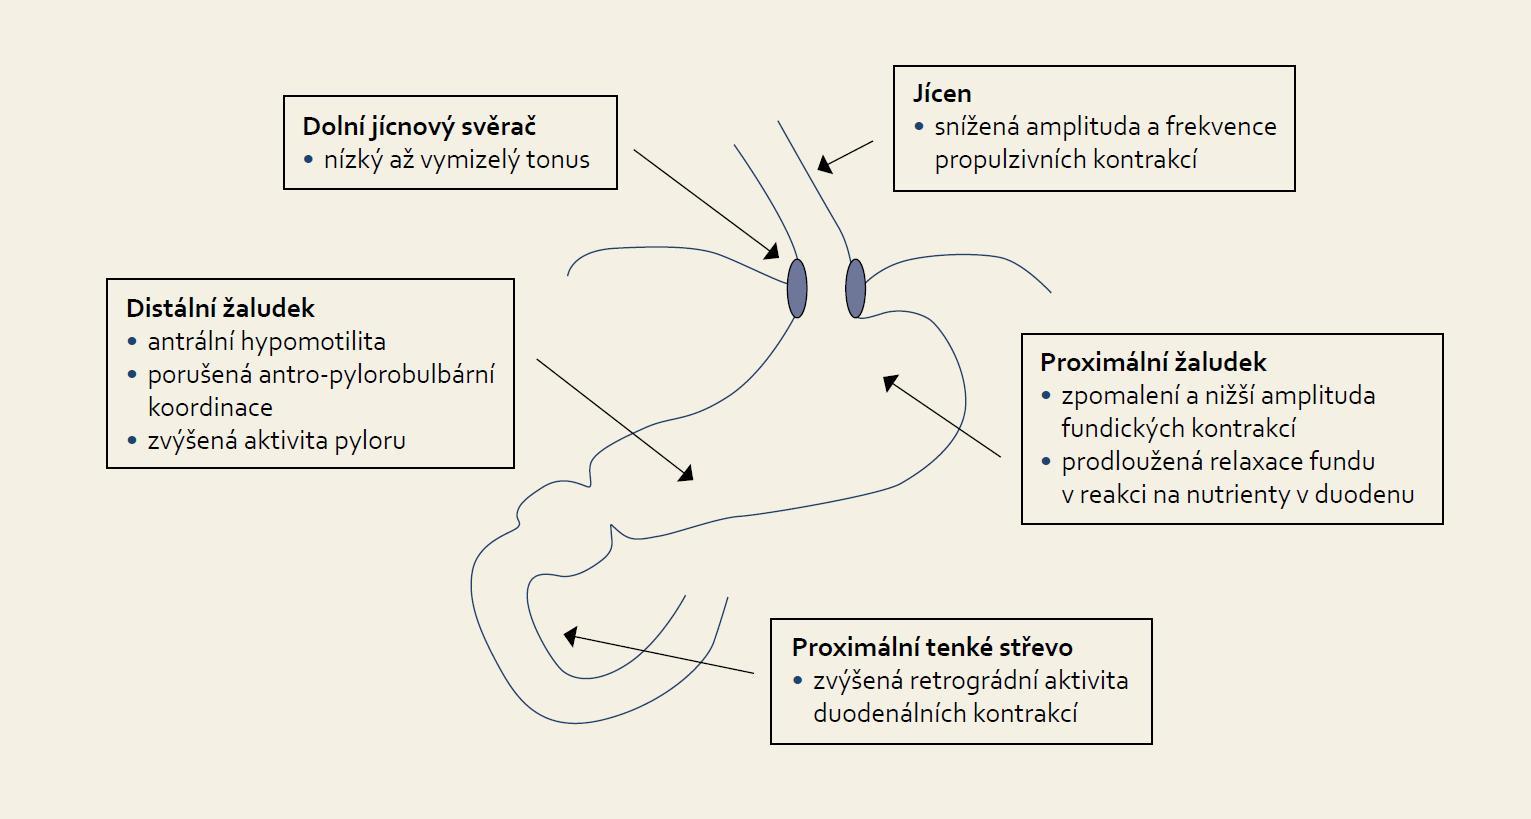 Patofyziologie dysfunkce horní části trávicího traktu u kriticky nemocných. Fig. 1. Pathophysiology of upper gastrointestinal tract dysfunction in critically ill patients.